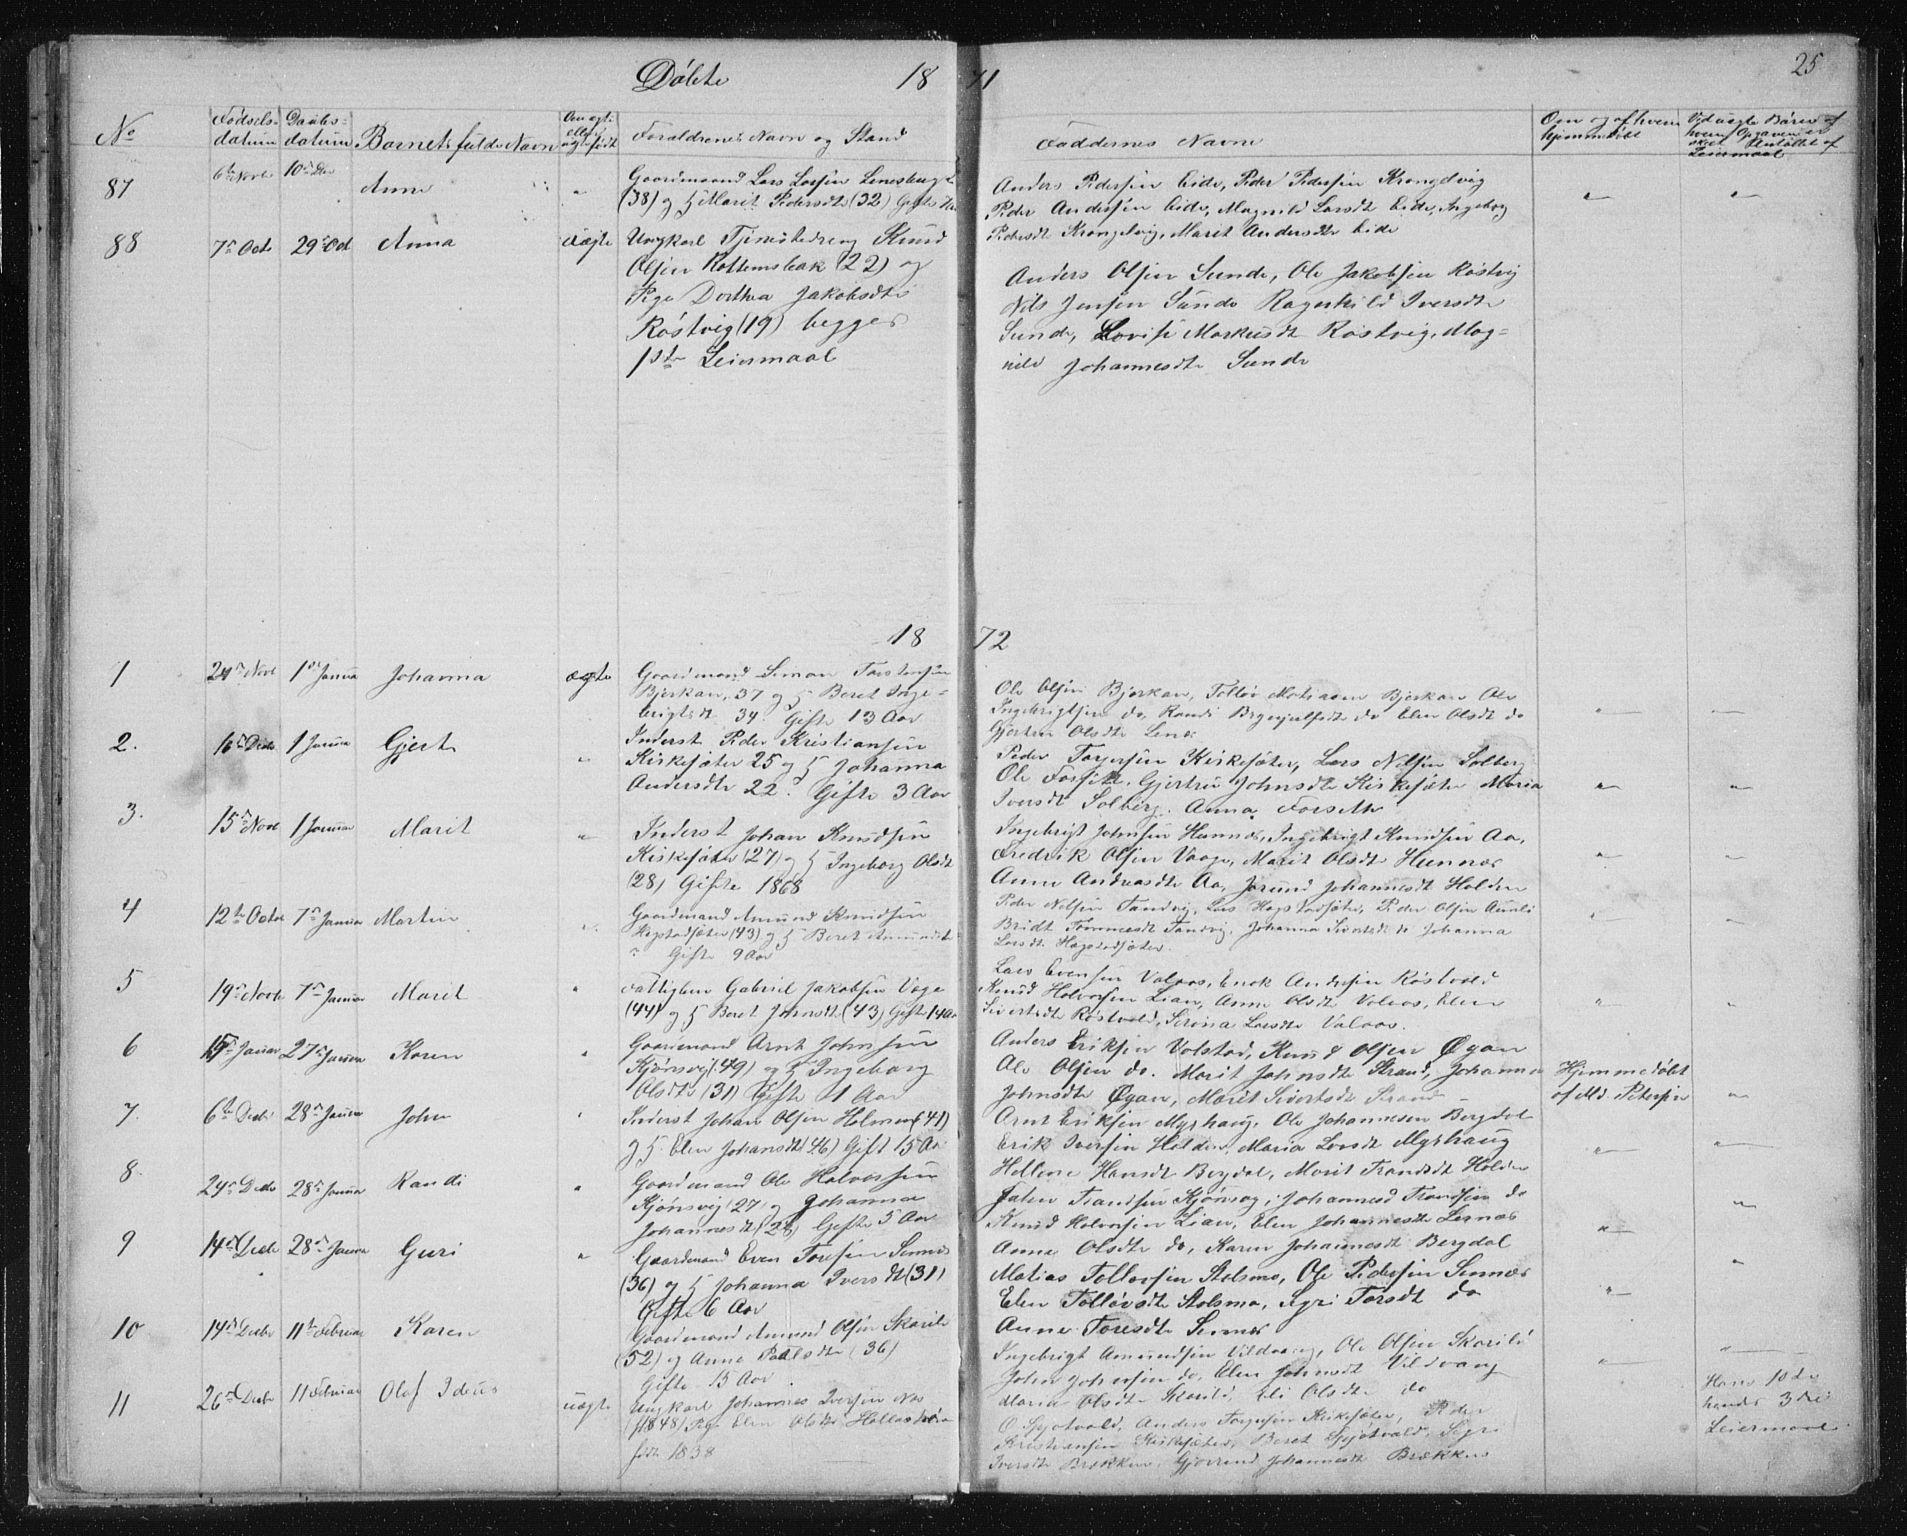 SAT, Ministerialprotokoller, klokkerbøker og fødselsregistre - Sør-Trøndelag, 630/L0503: Klokkerbok nr. 630C01, 1869-1878, s. 25